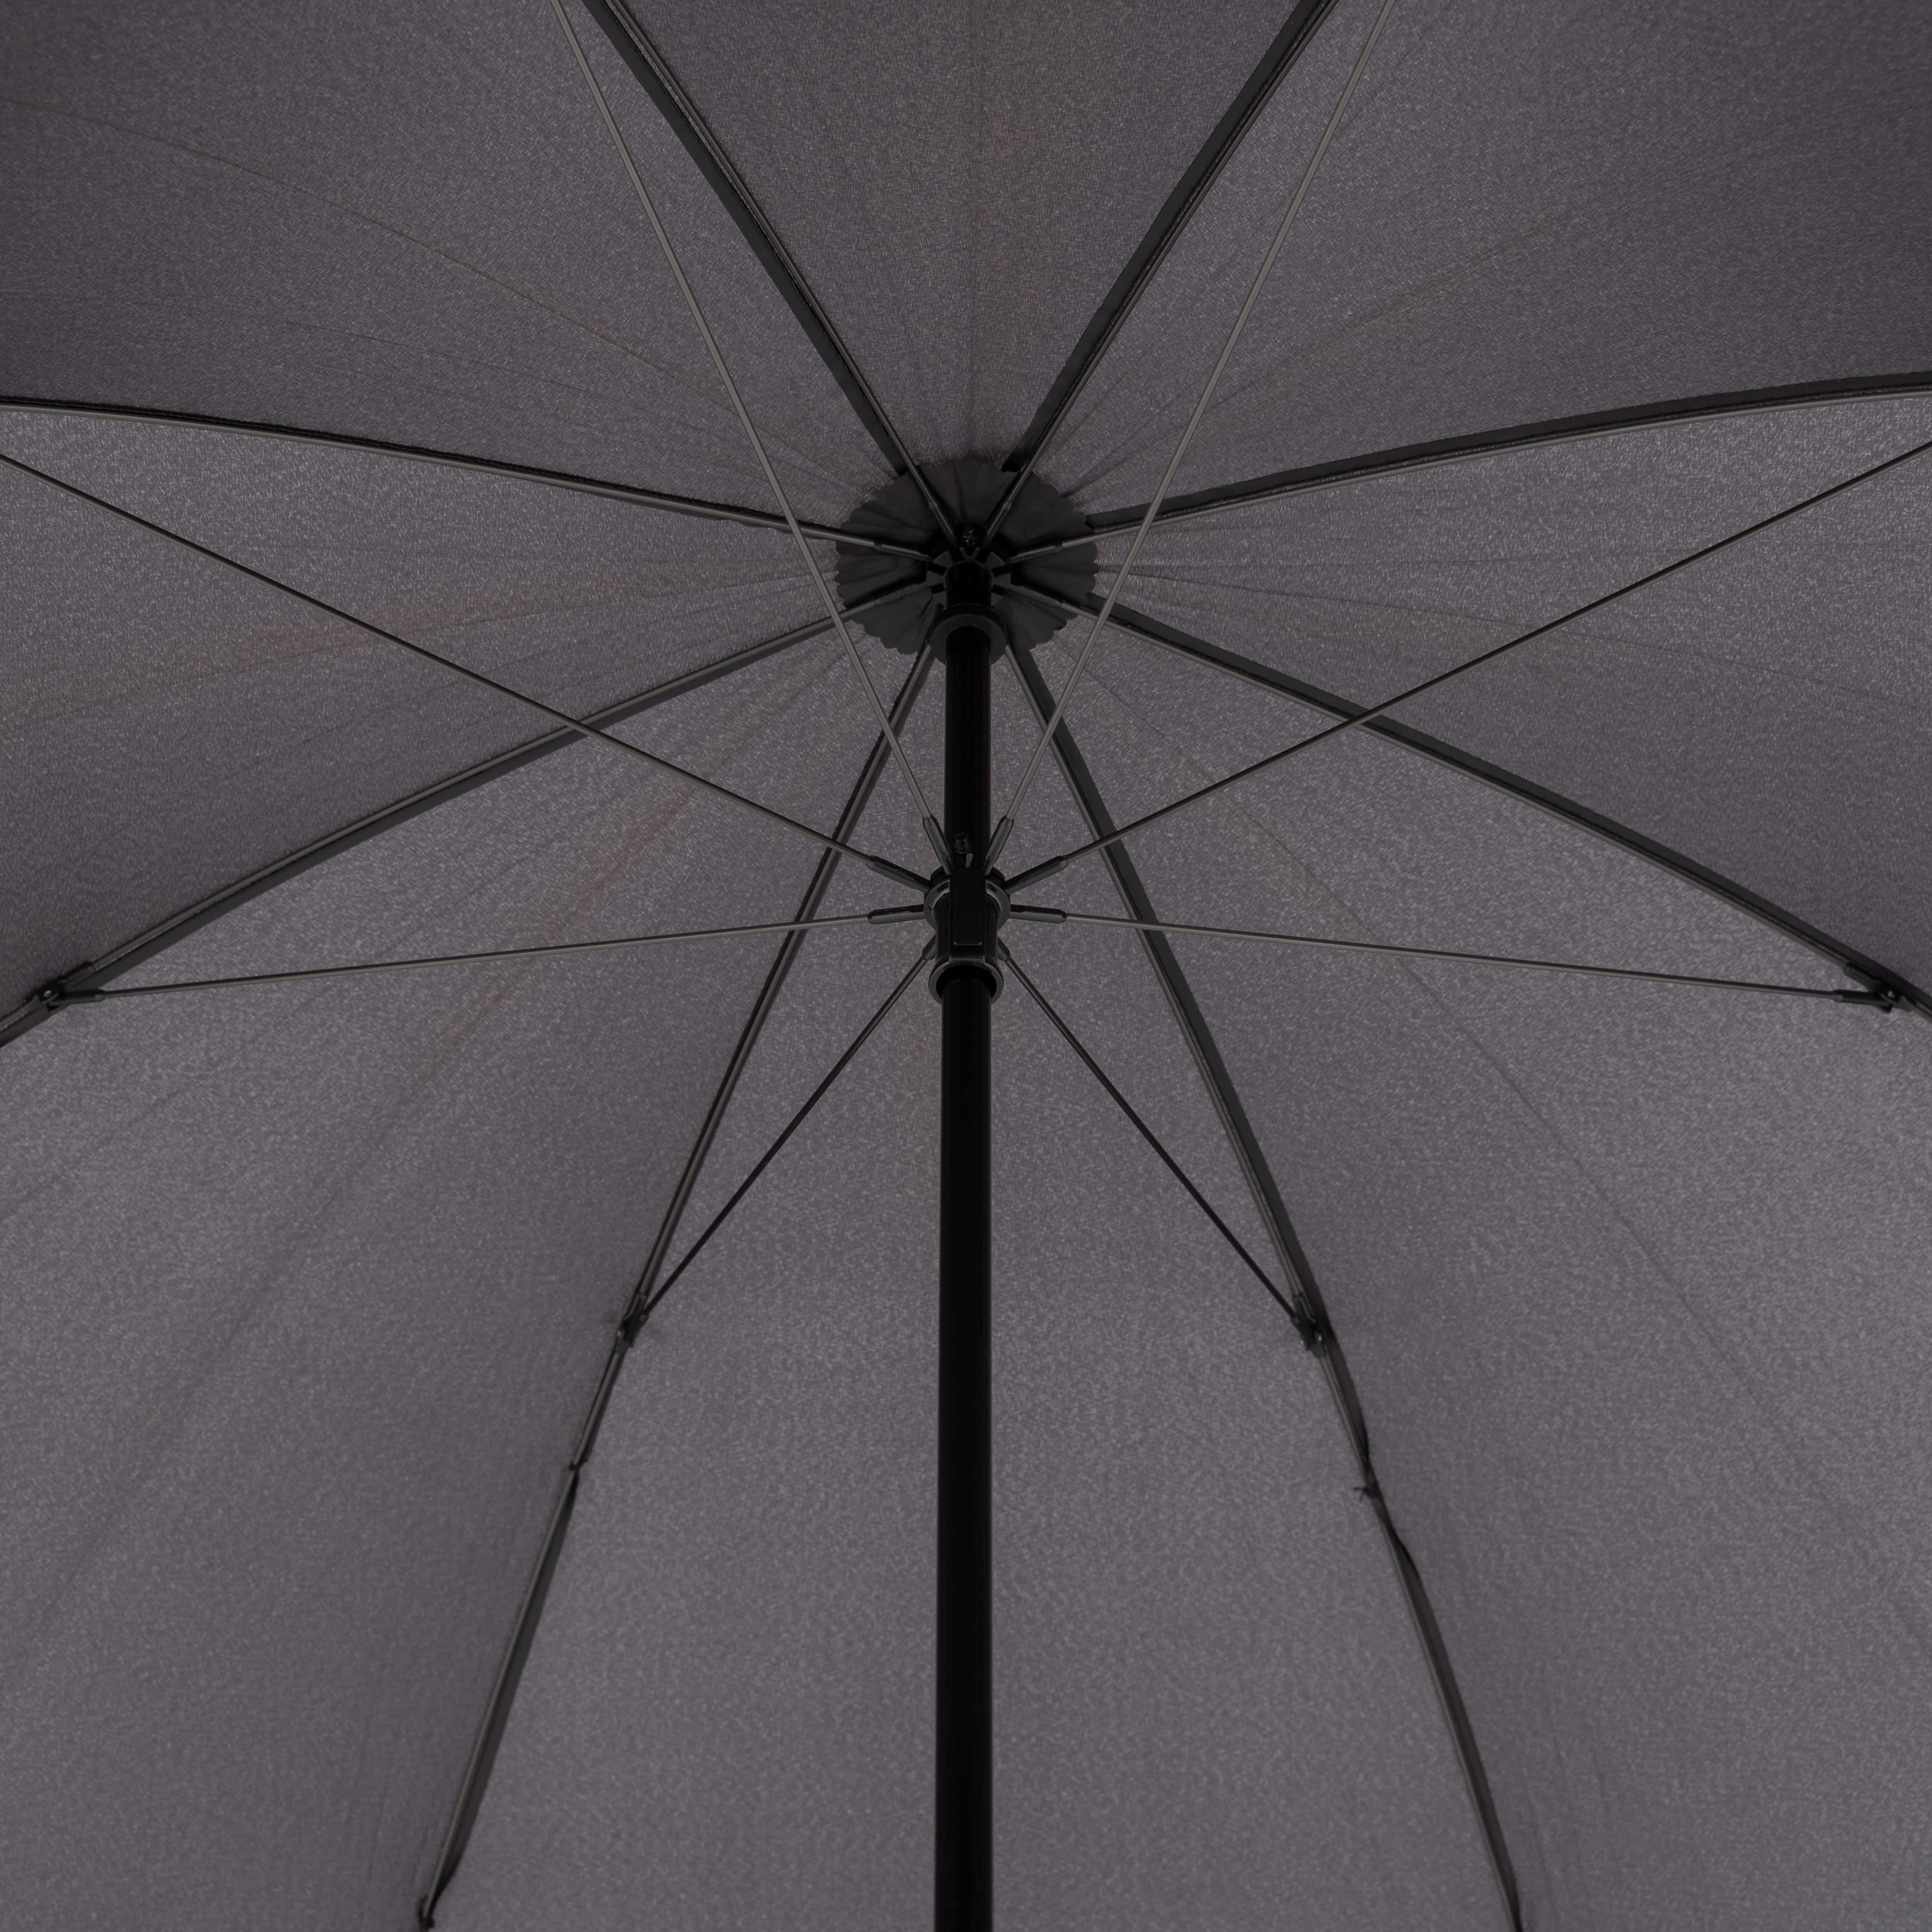 Knirps Umbrella U.900 ultra light XXL manual - photo 4